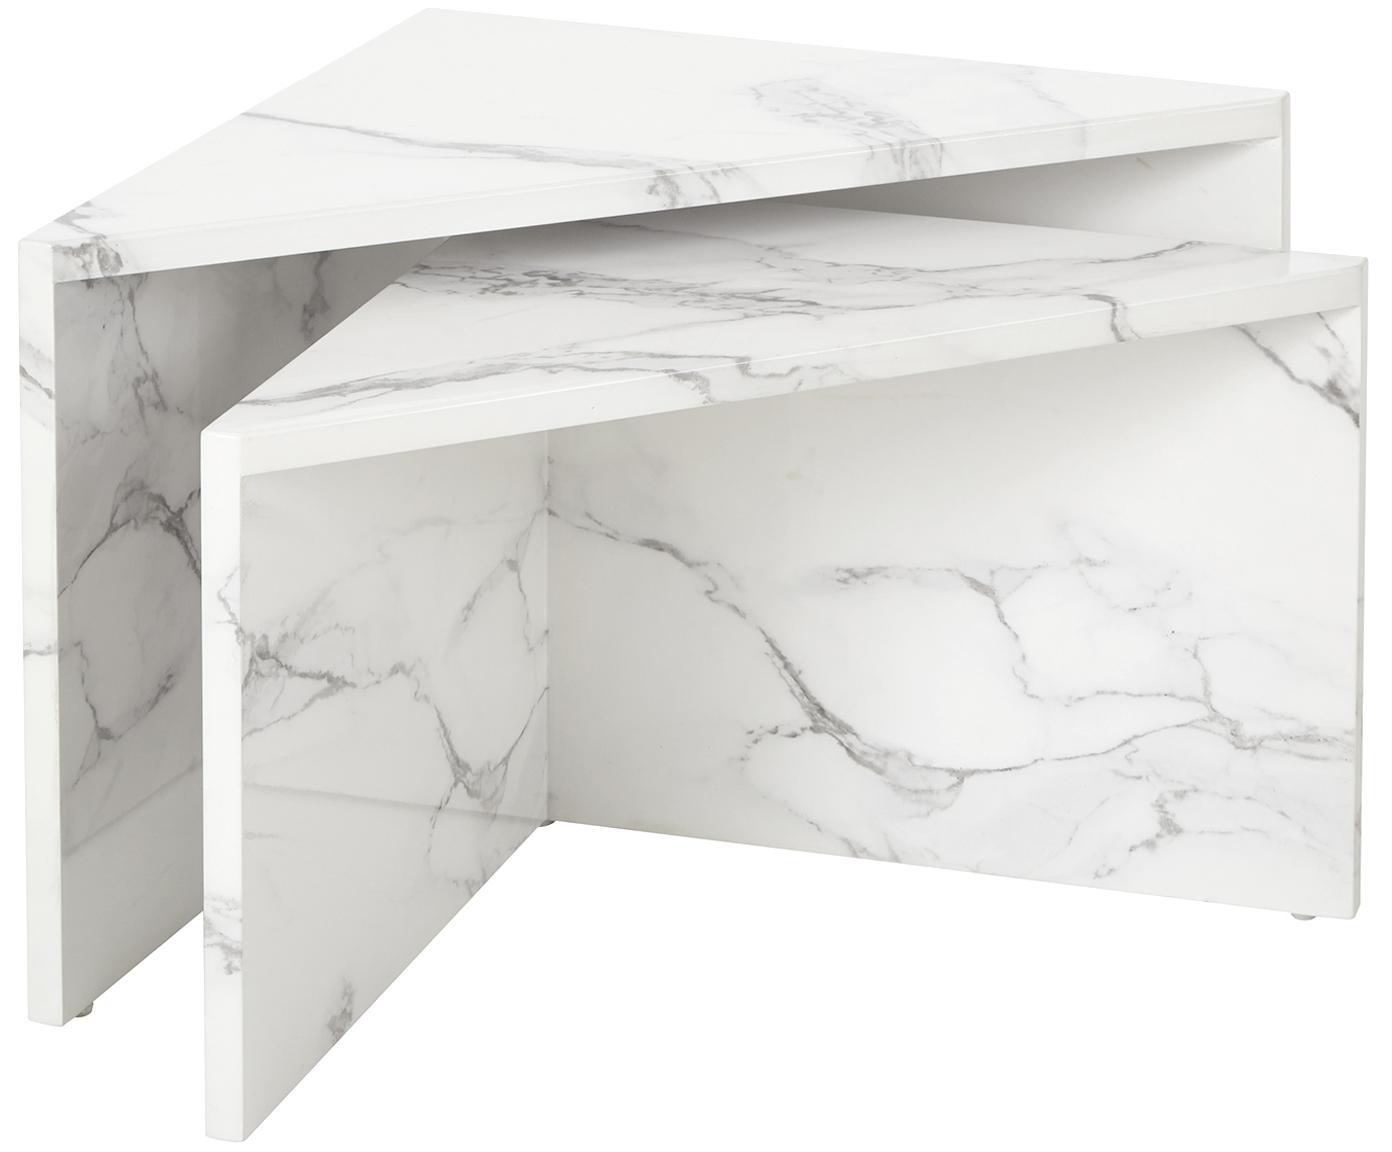 Set de mesas de centro en aspecto mármol Vilma, 2pzas., Tablero de fibras de densidad media (MDF), cubierto en papel con estampado de mármol lacado, Mármol blanco brillante, Tamaños diferentes